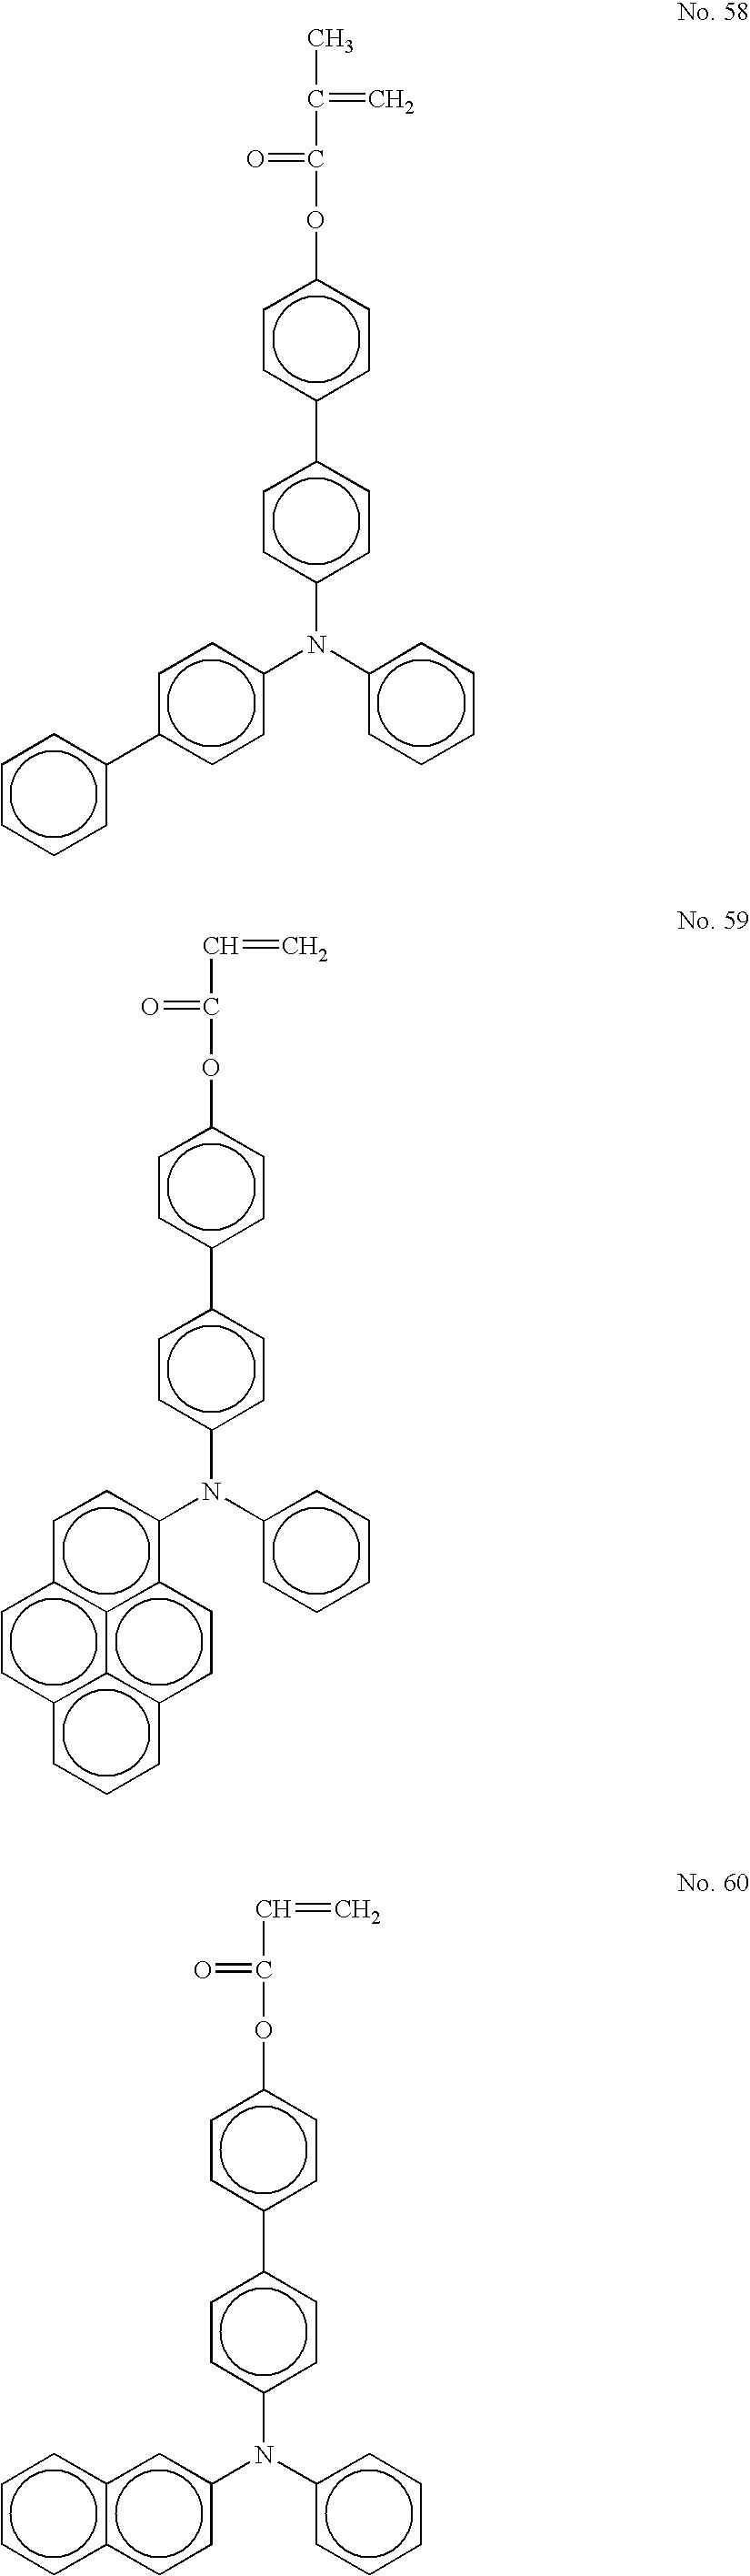 Figure US20050175911A1-20050811-C00021